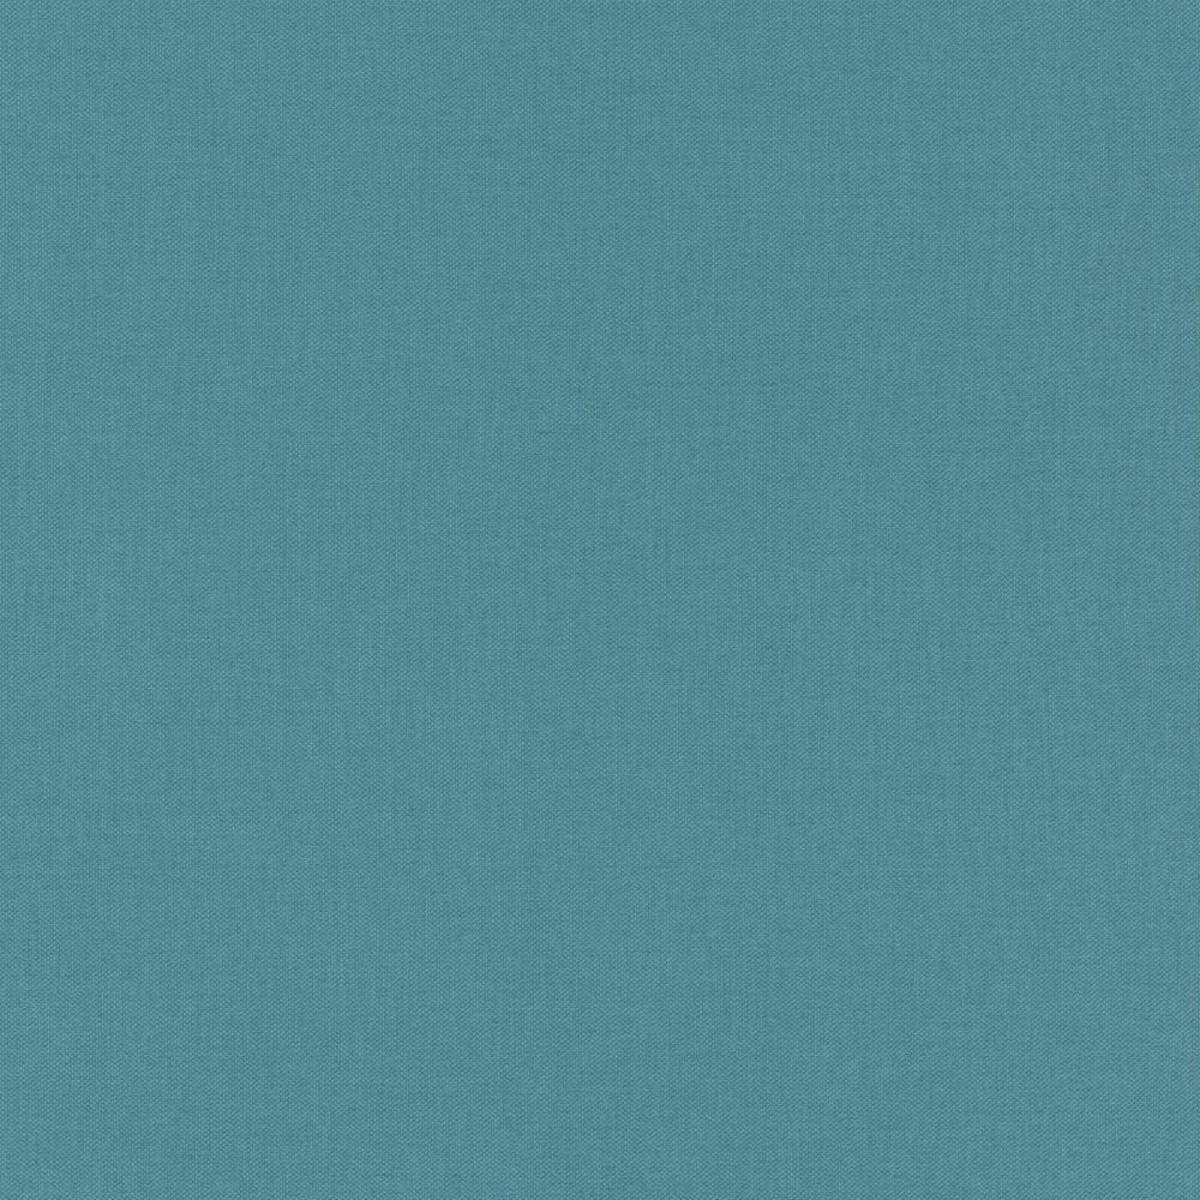 Обои флизелиновые Rasch Poetry синие 0.53 м 423945